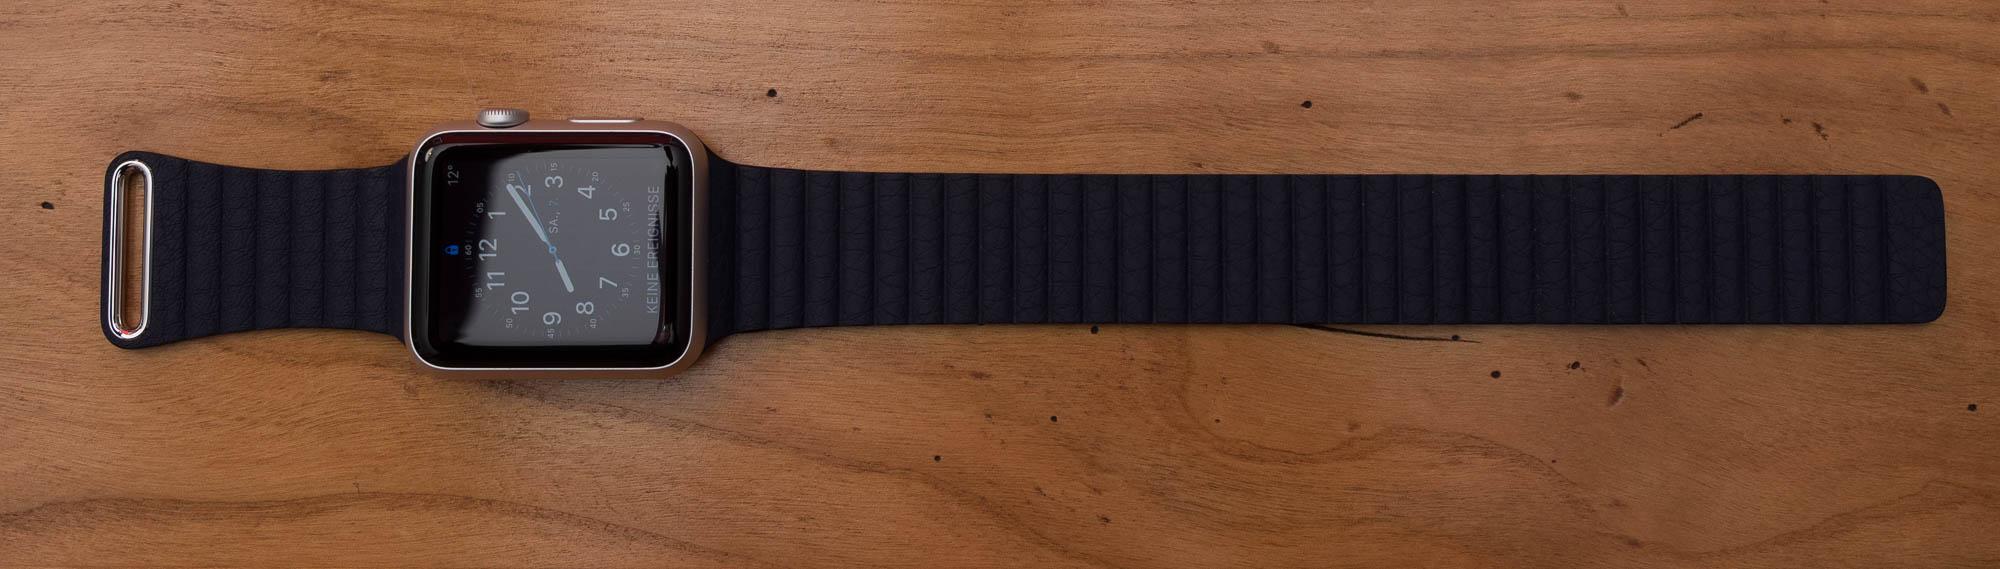 Alternatives Apple Watch Armband und Kickstarter Frust